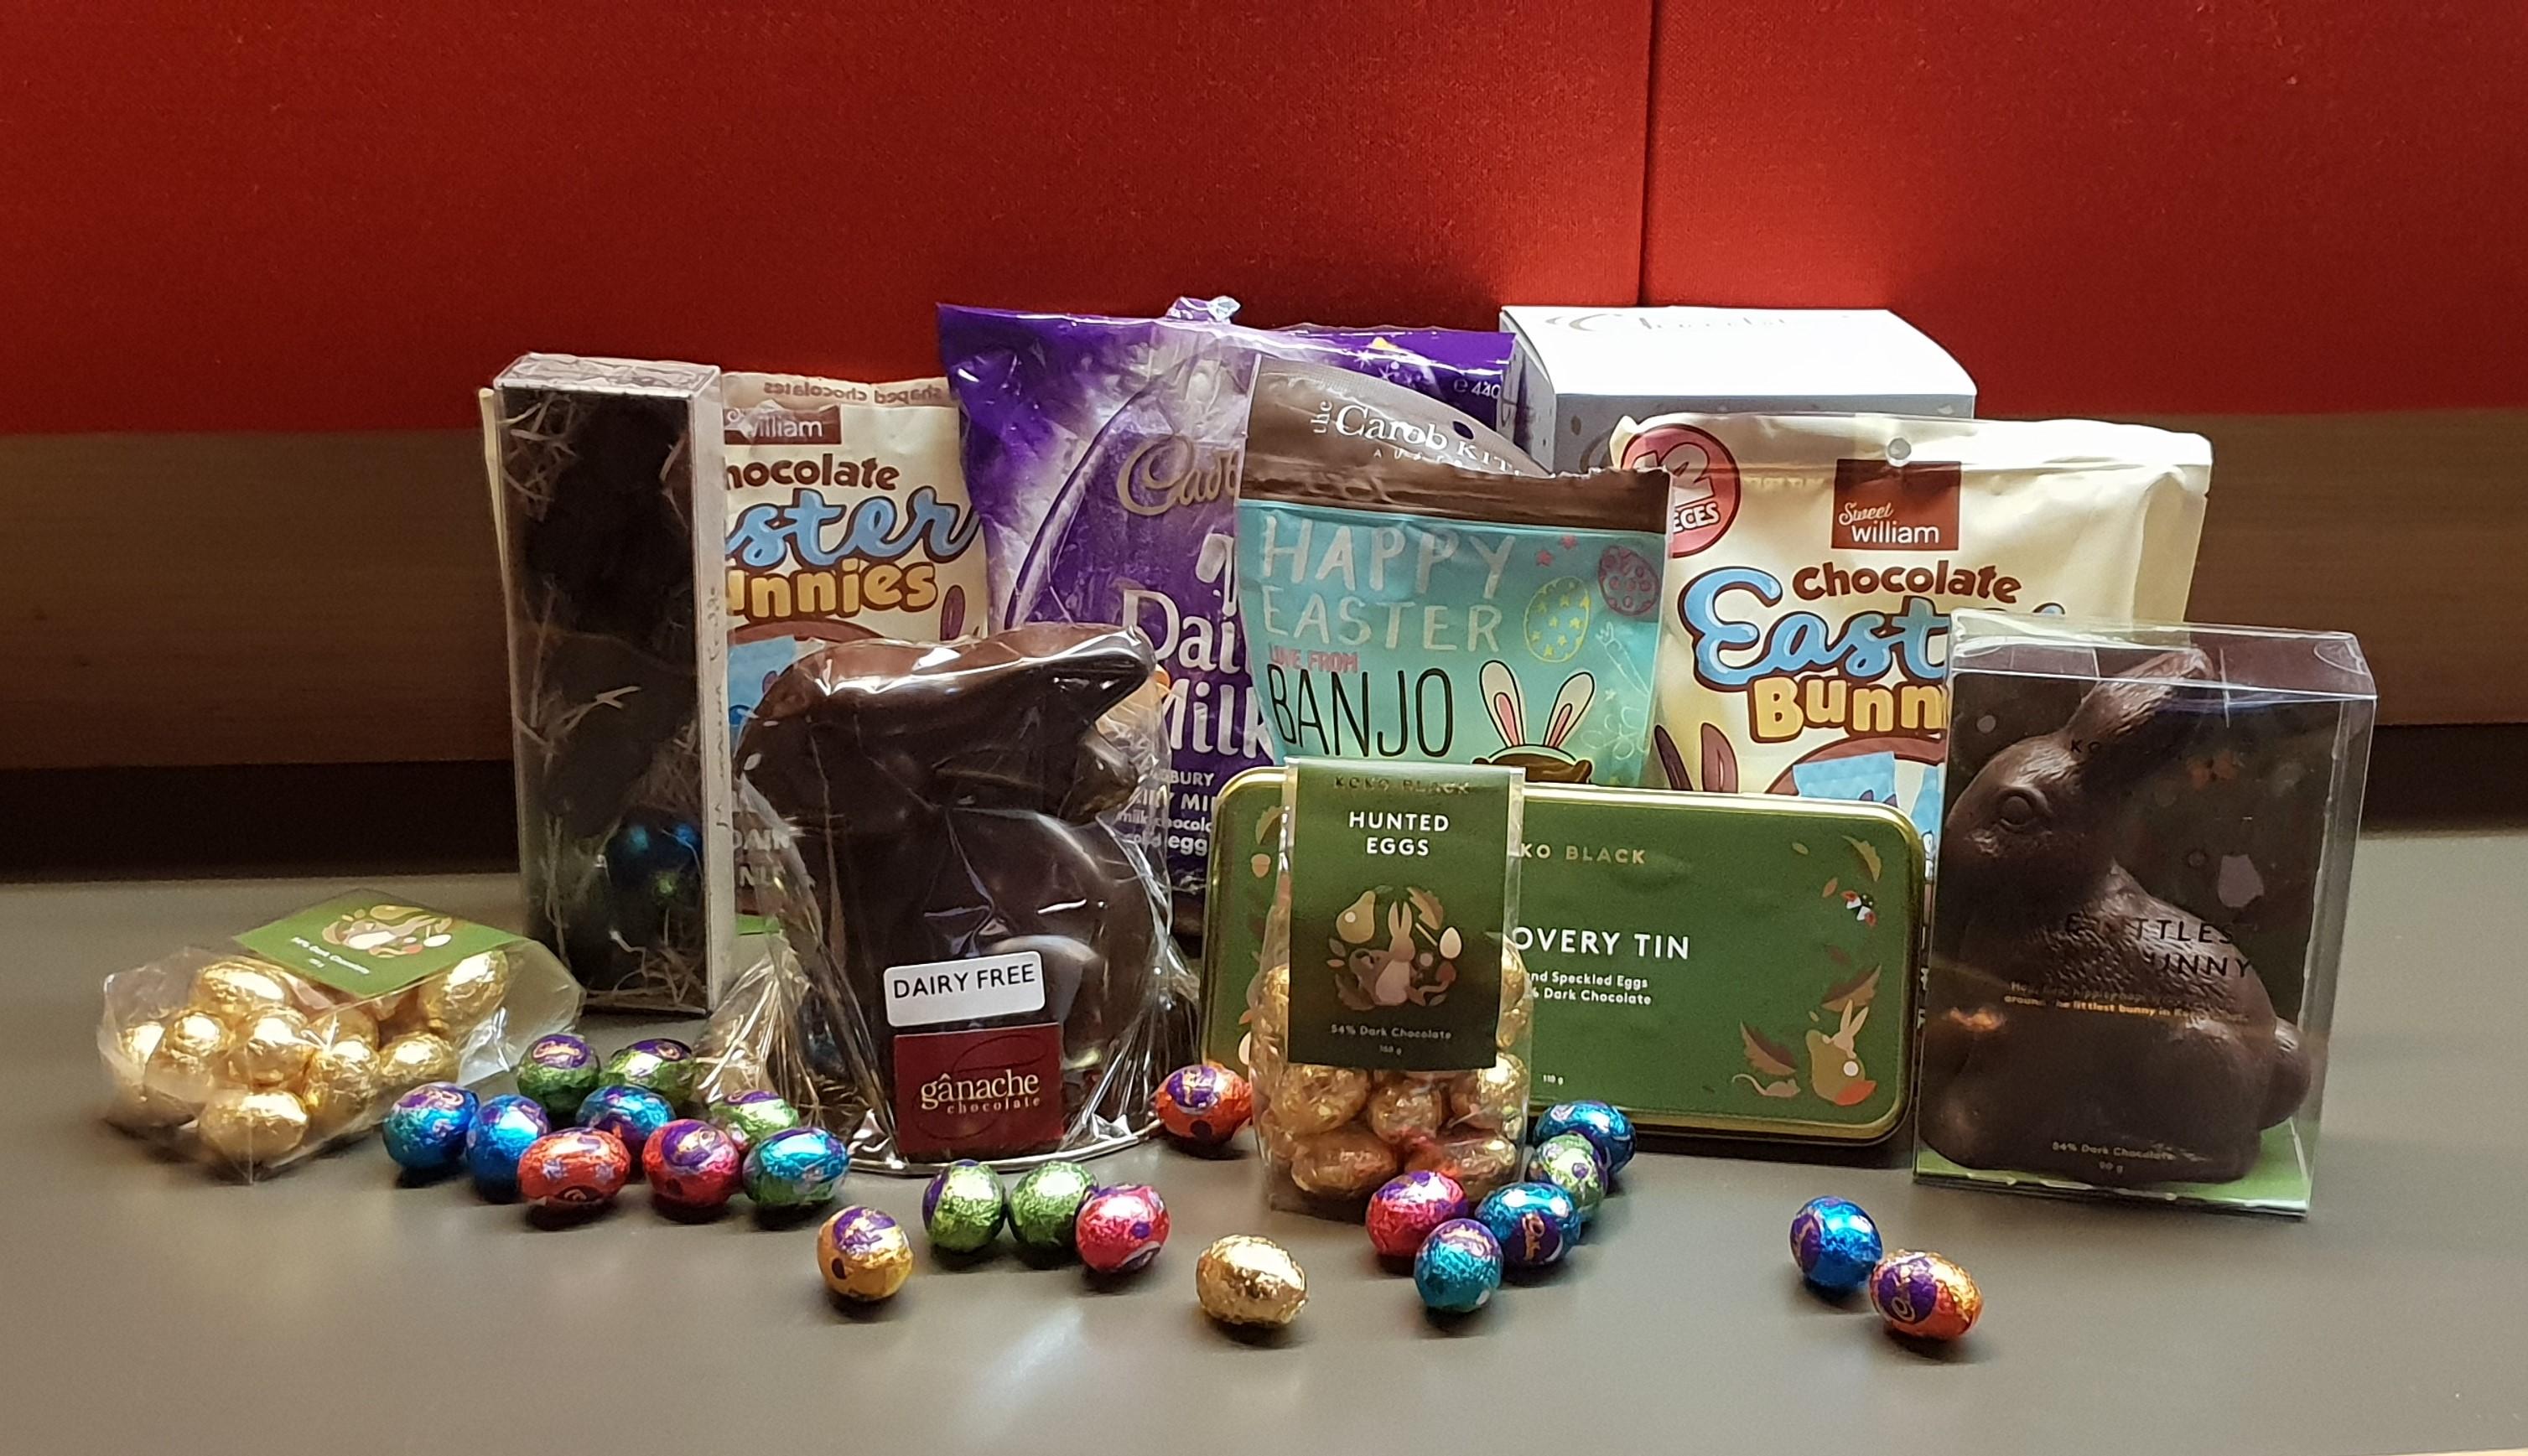 Article image for Karen Inge's tips on choosing healthier Easter treats